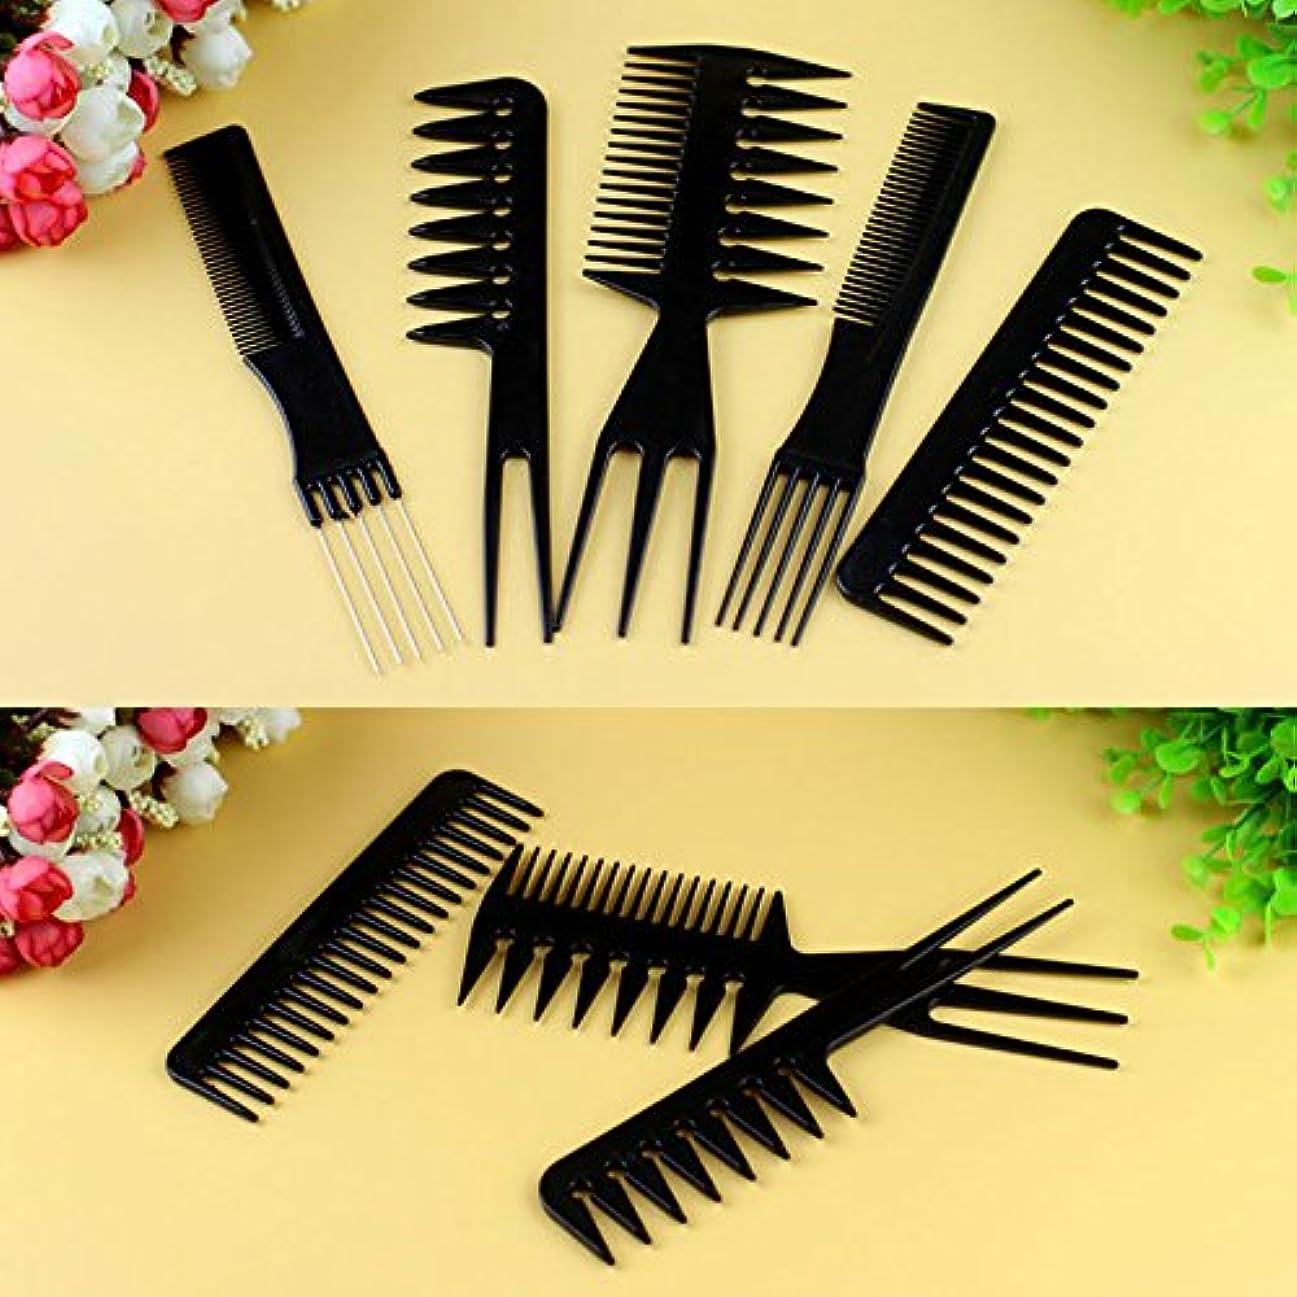 寝室を掃除する疑問に思う鋼MSmask 10個入りブラックプロサロン ヘアスタイリング理髪 プラスチック理髪店 ブラシコムズセット